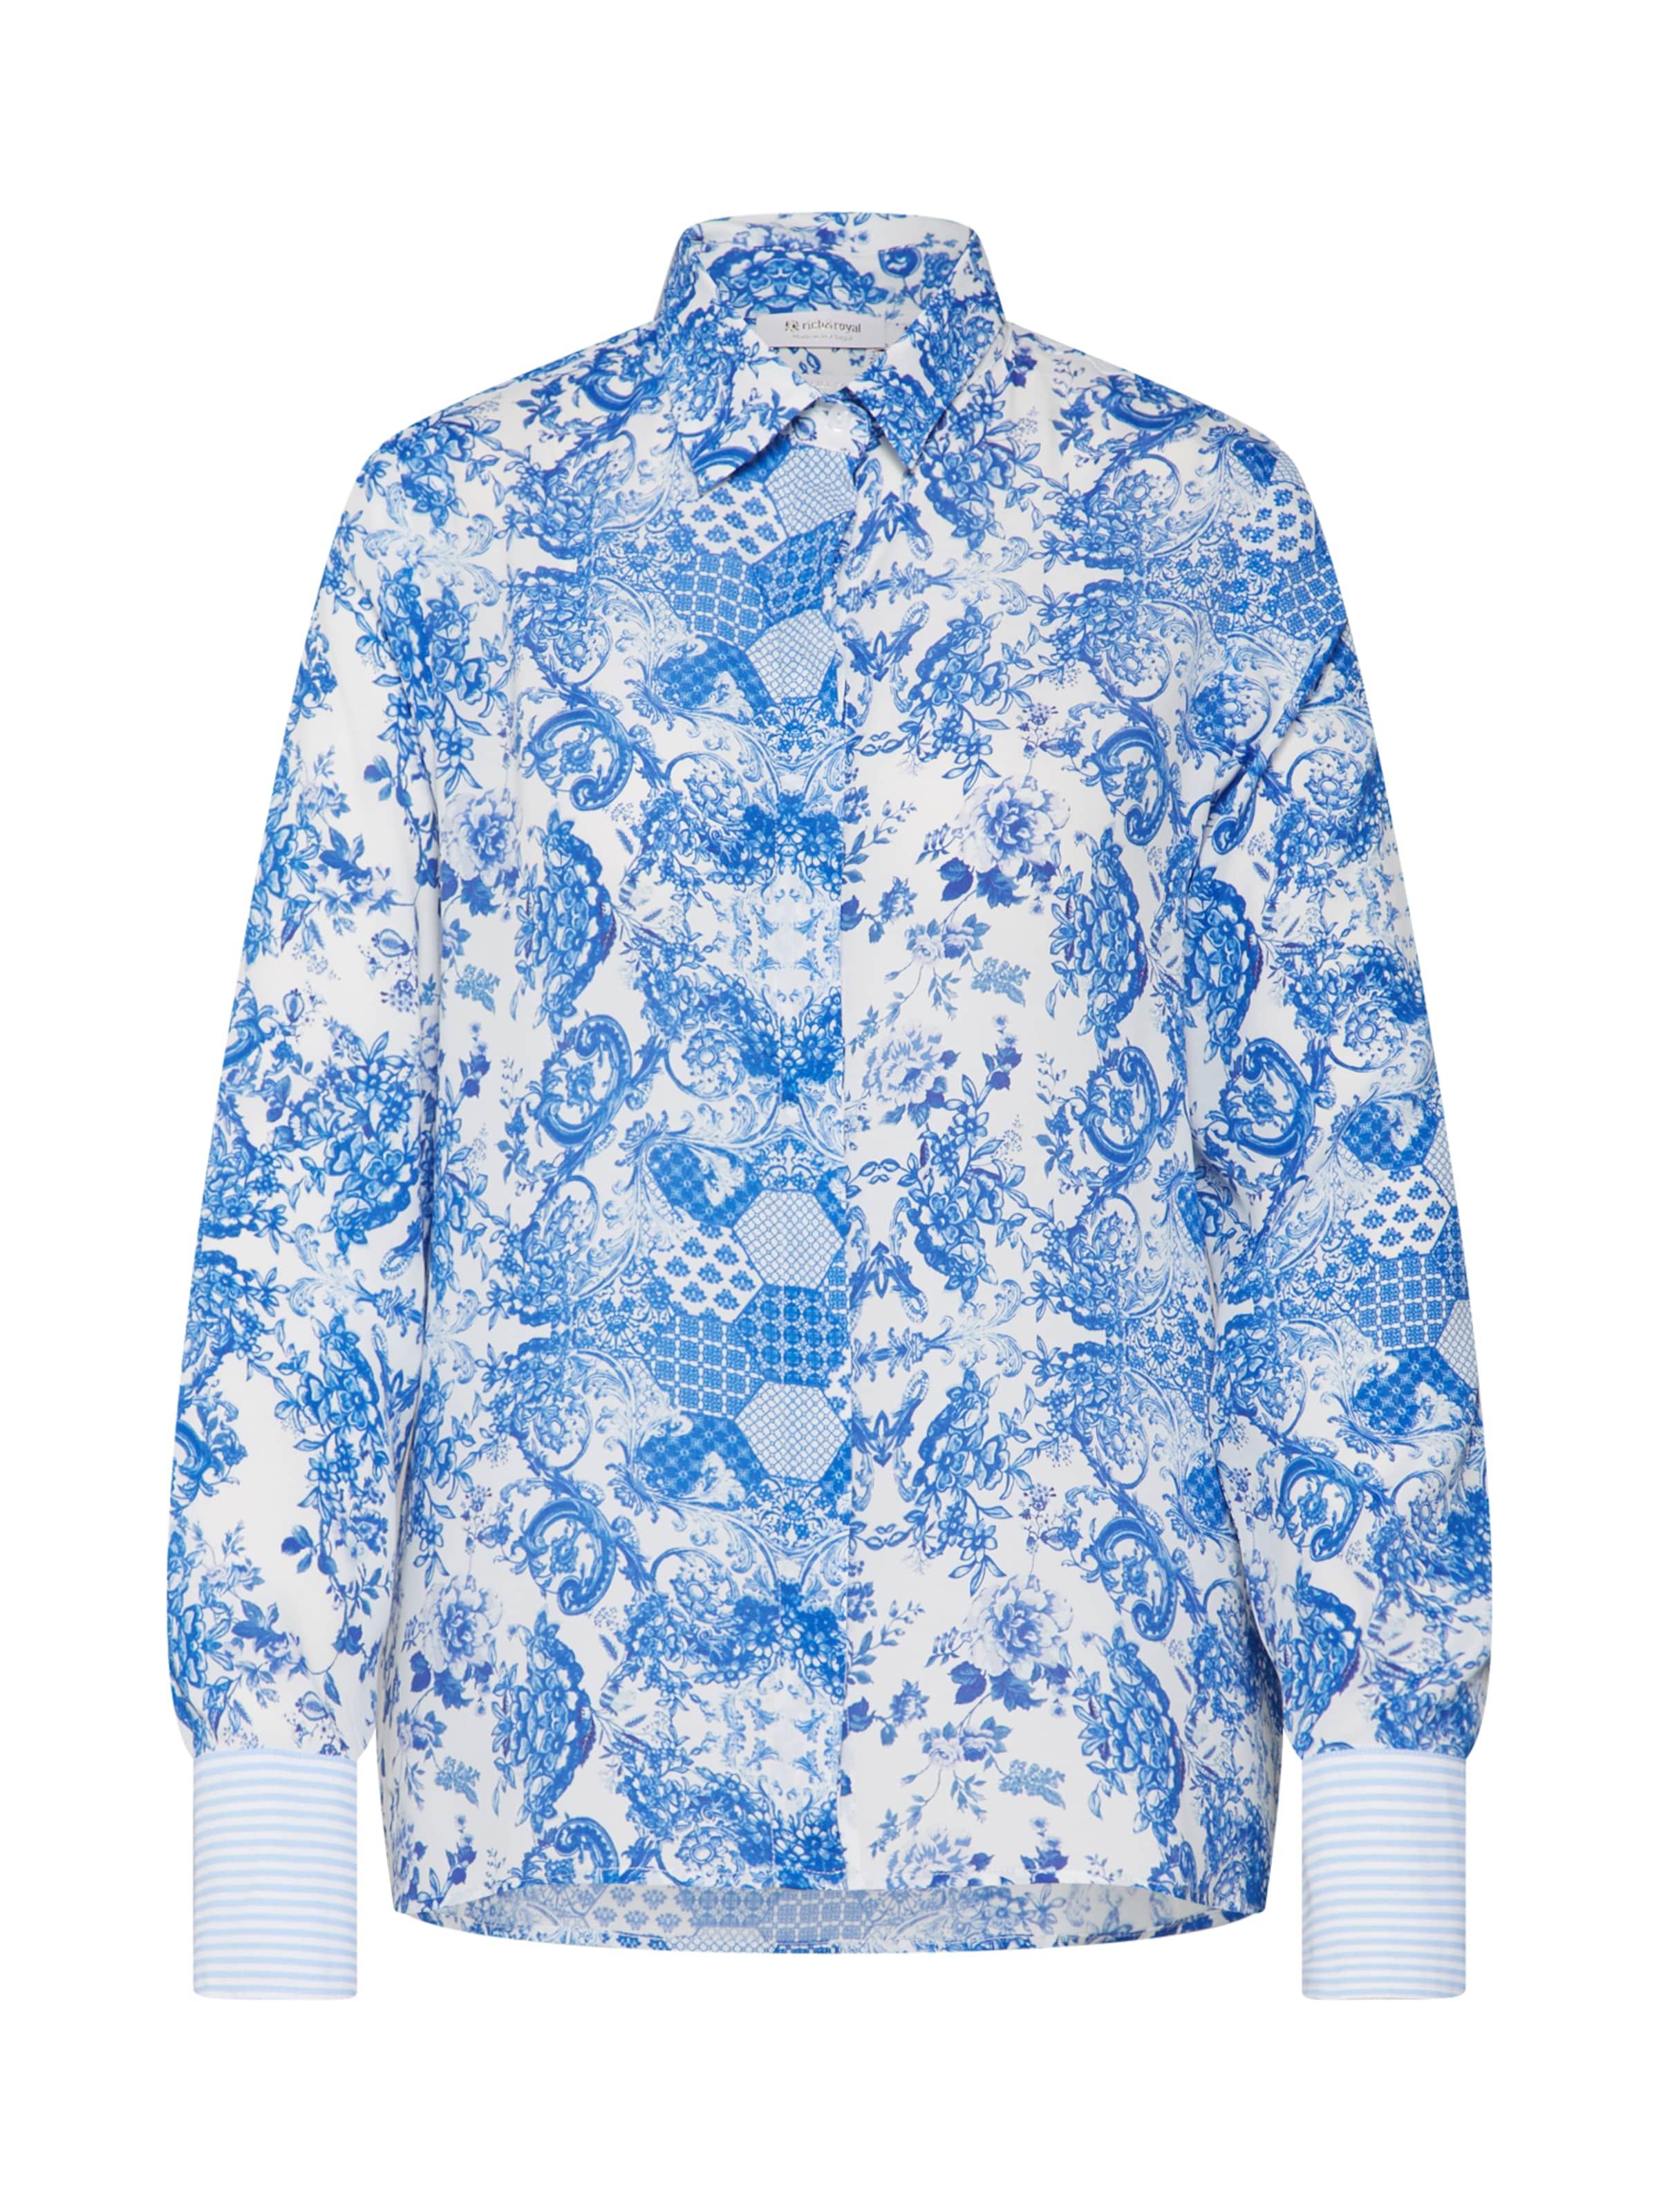 En Couleurs Royal BleuMélange De Chemisier Blanc Richamp; 4Rq3Aj5L